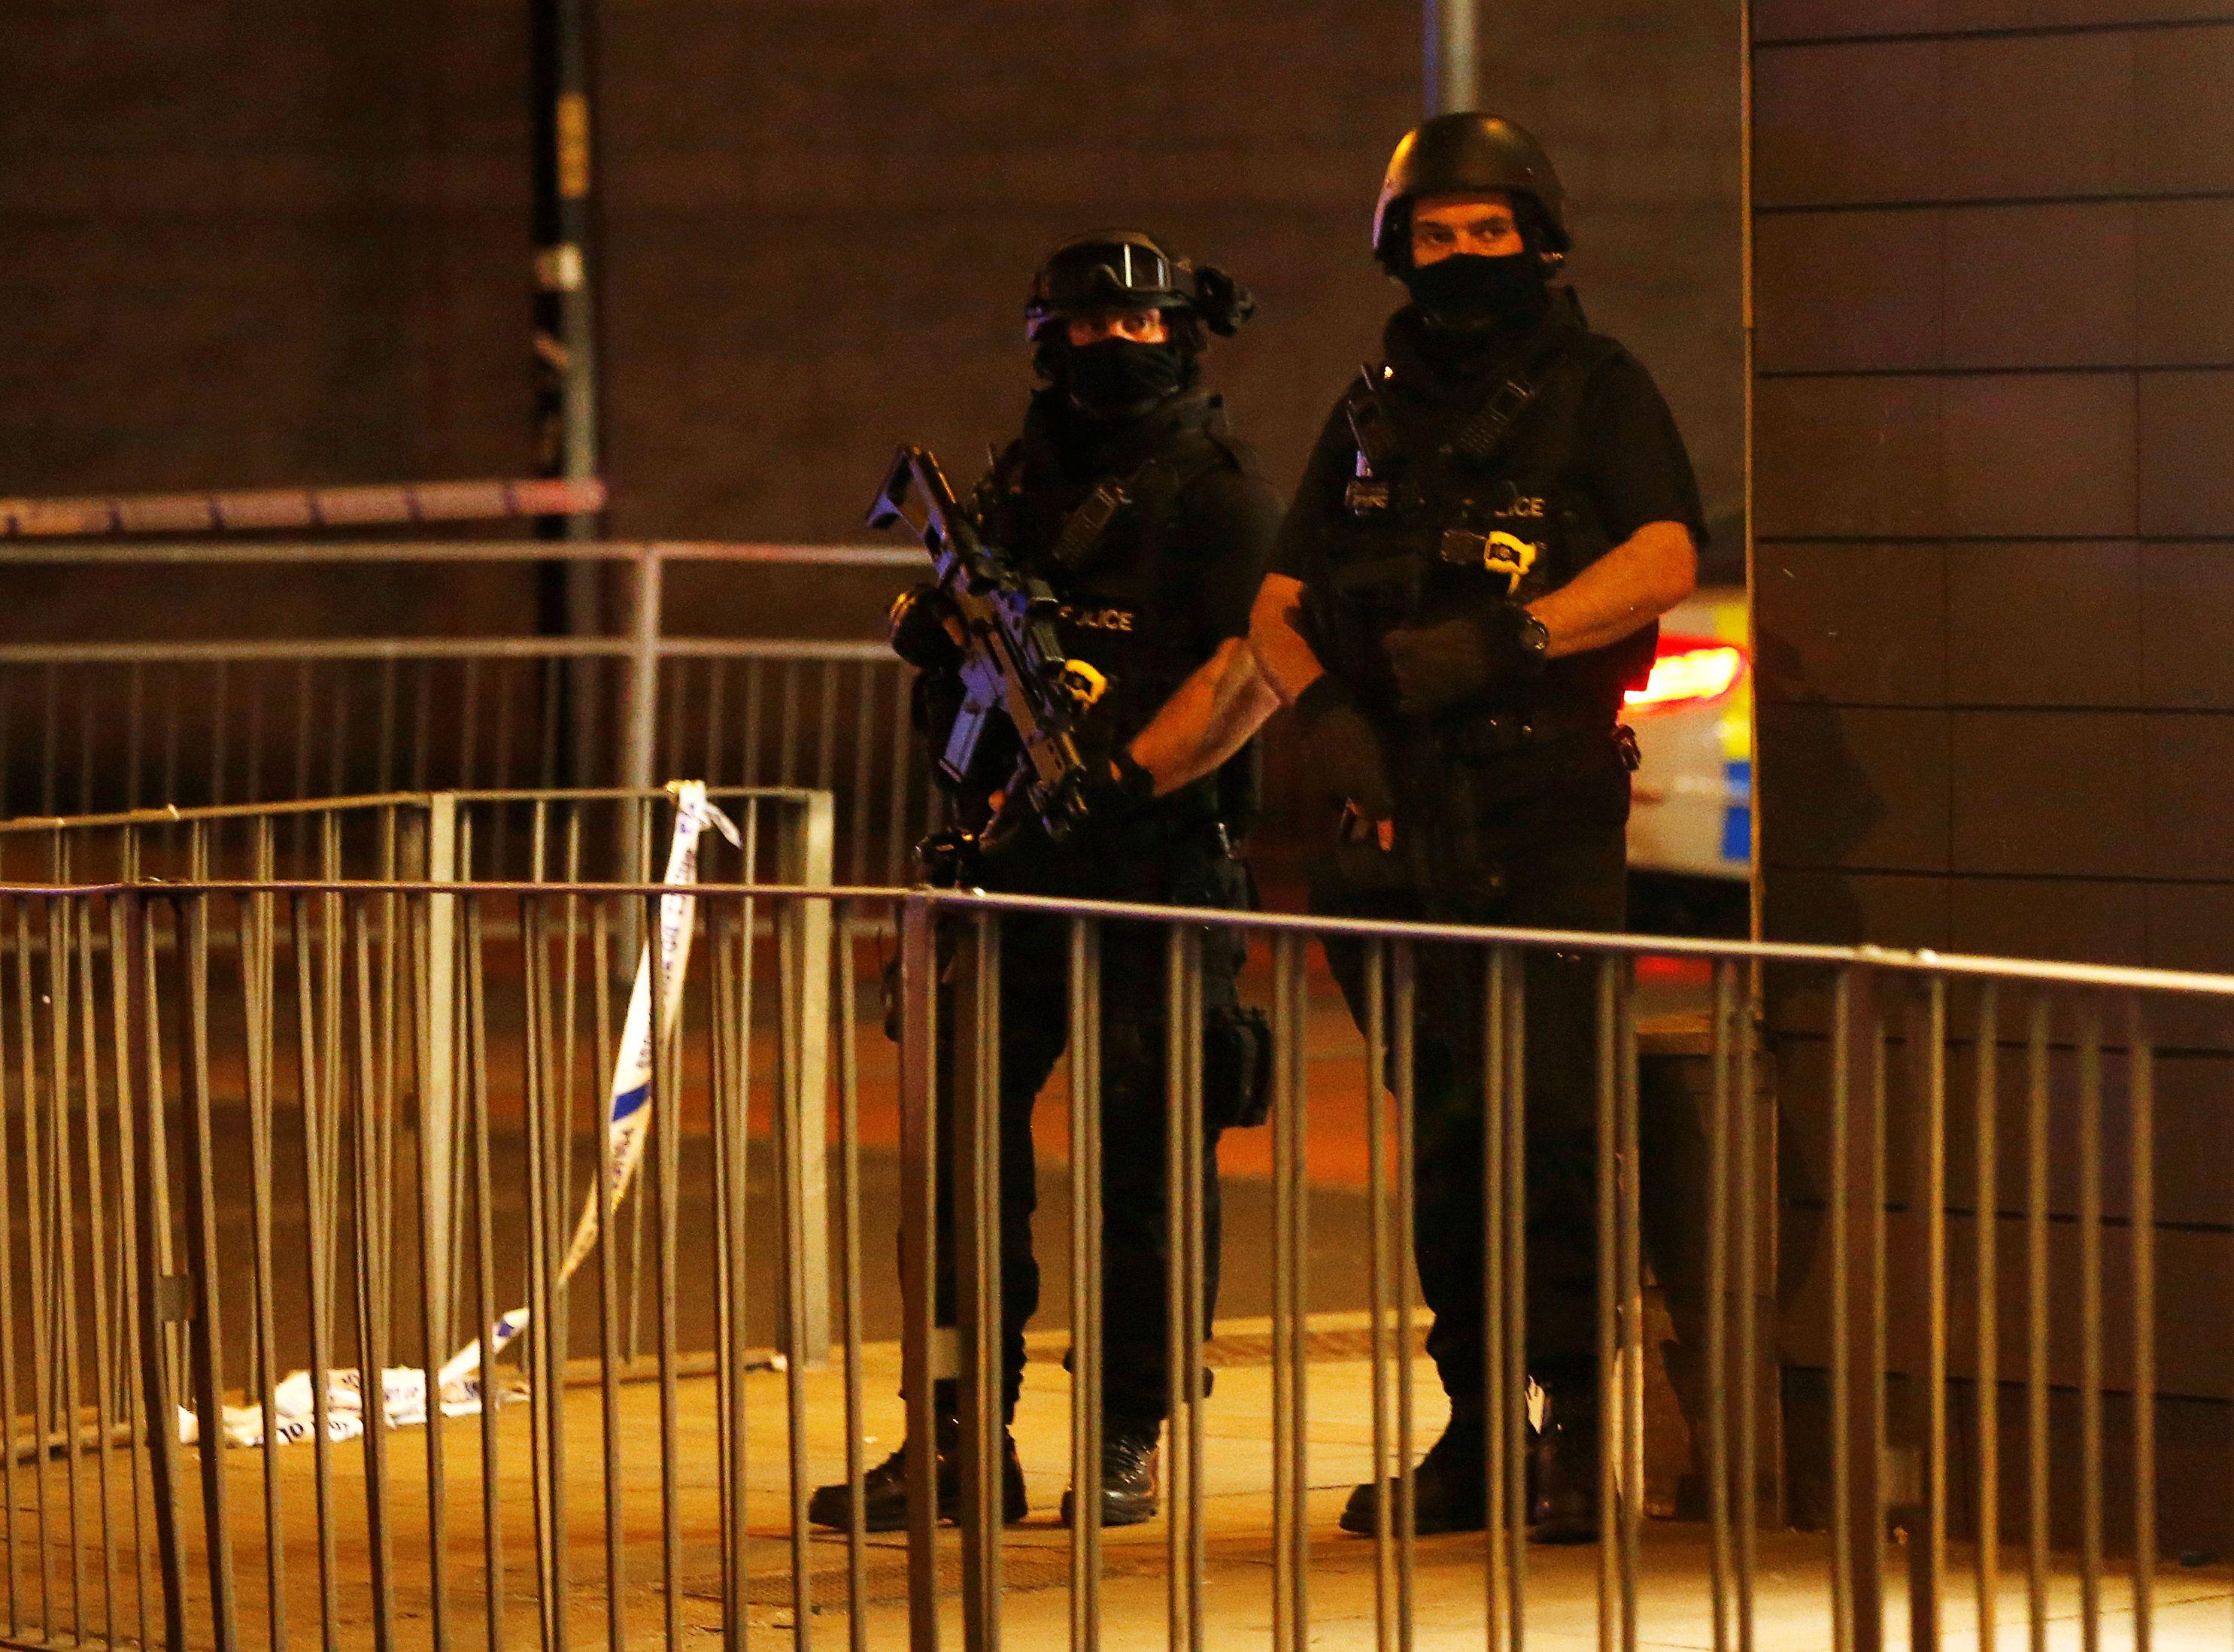 Homem-bomba é suspeito de provocar explosão em show em Manchester